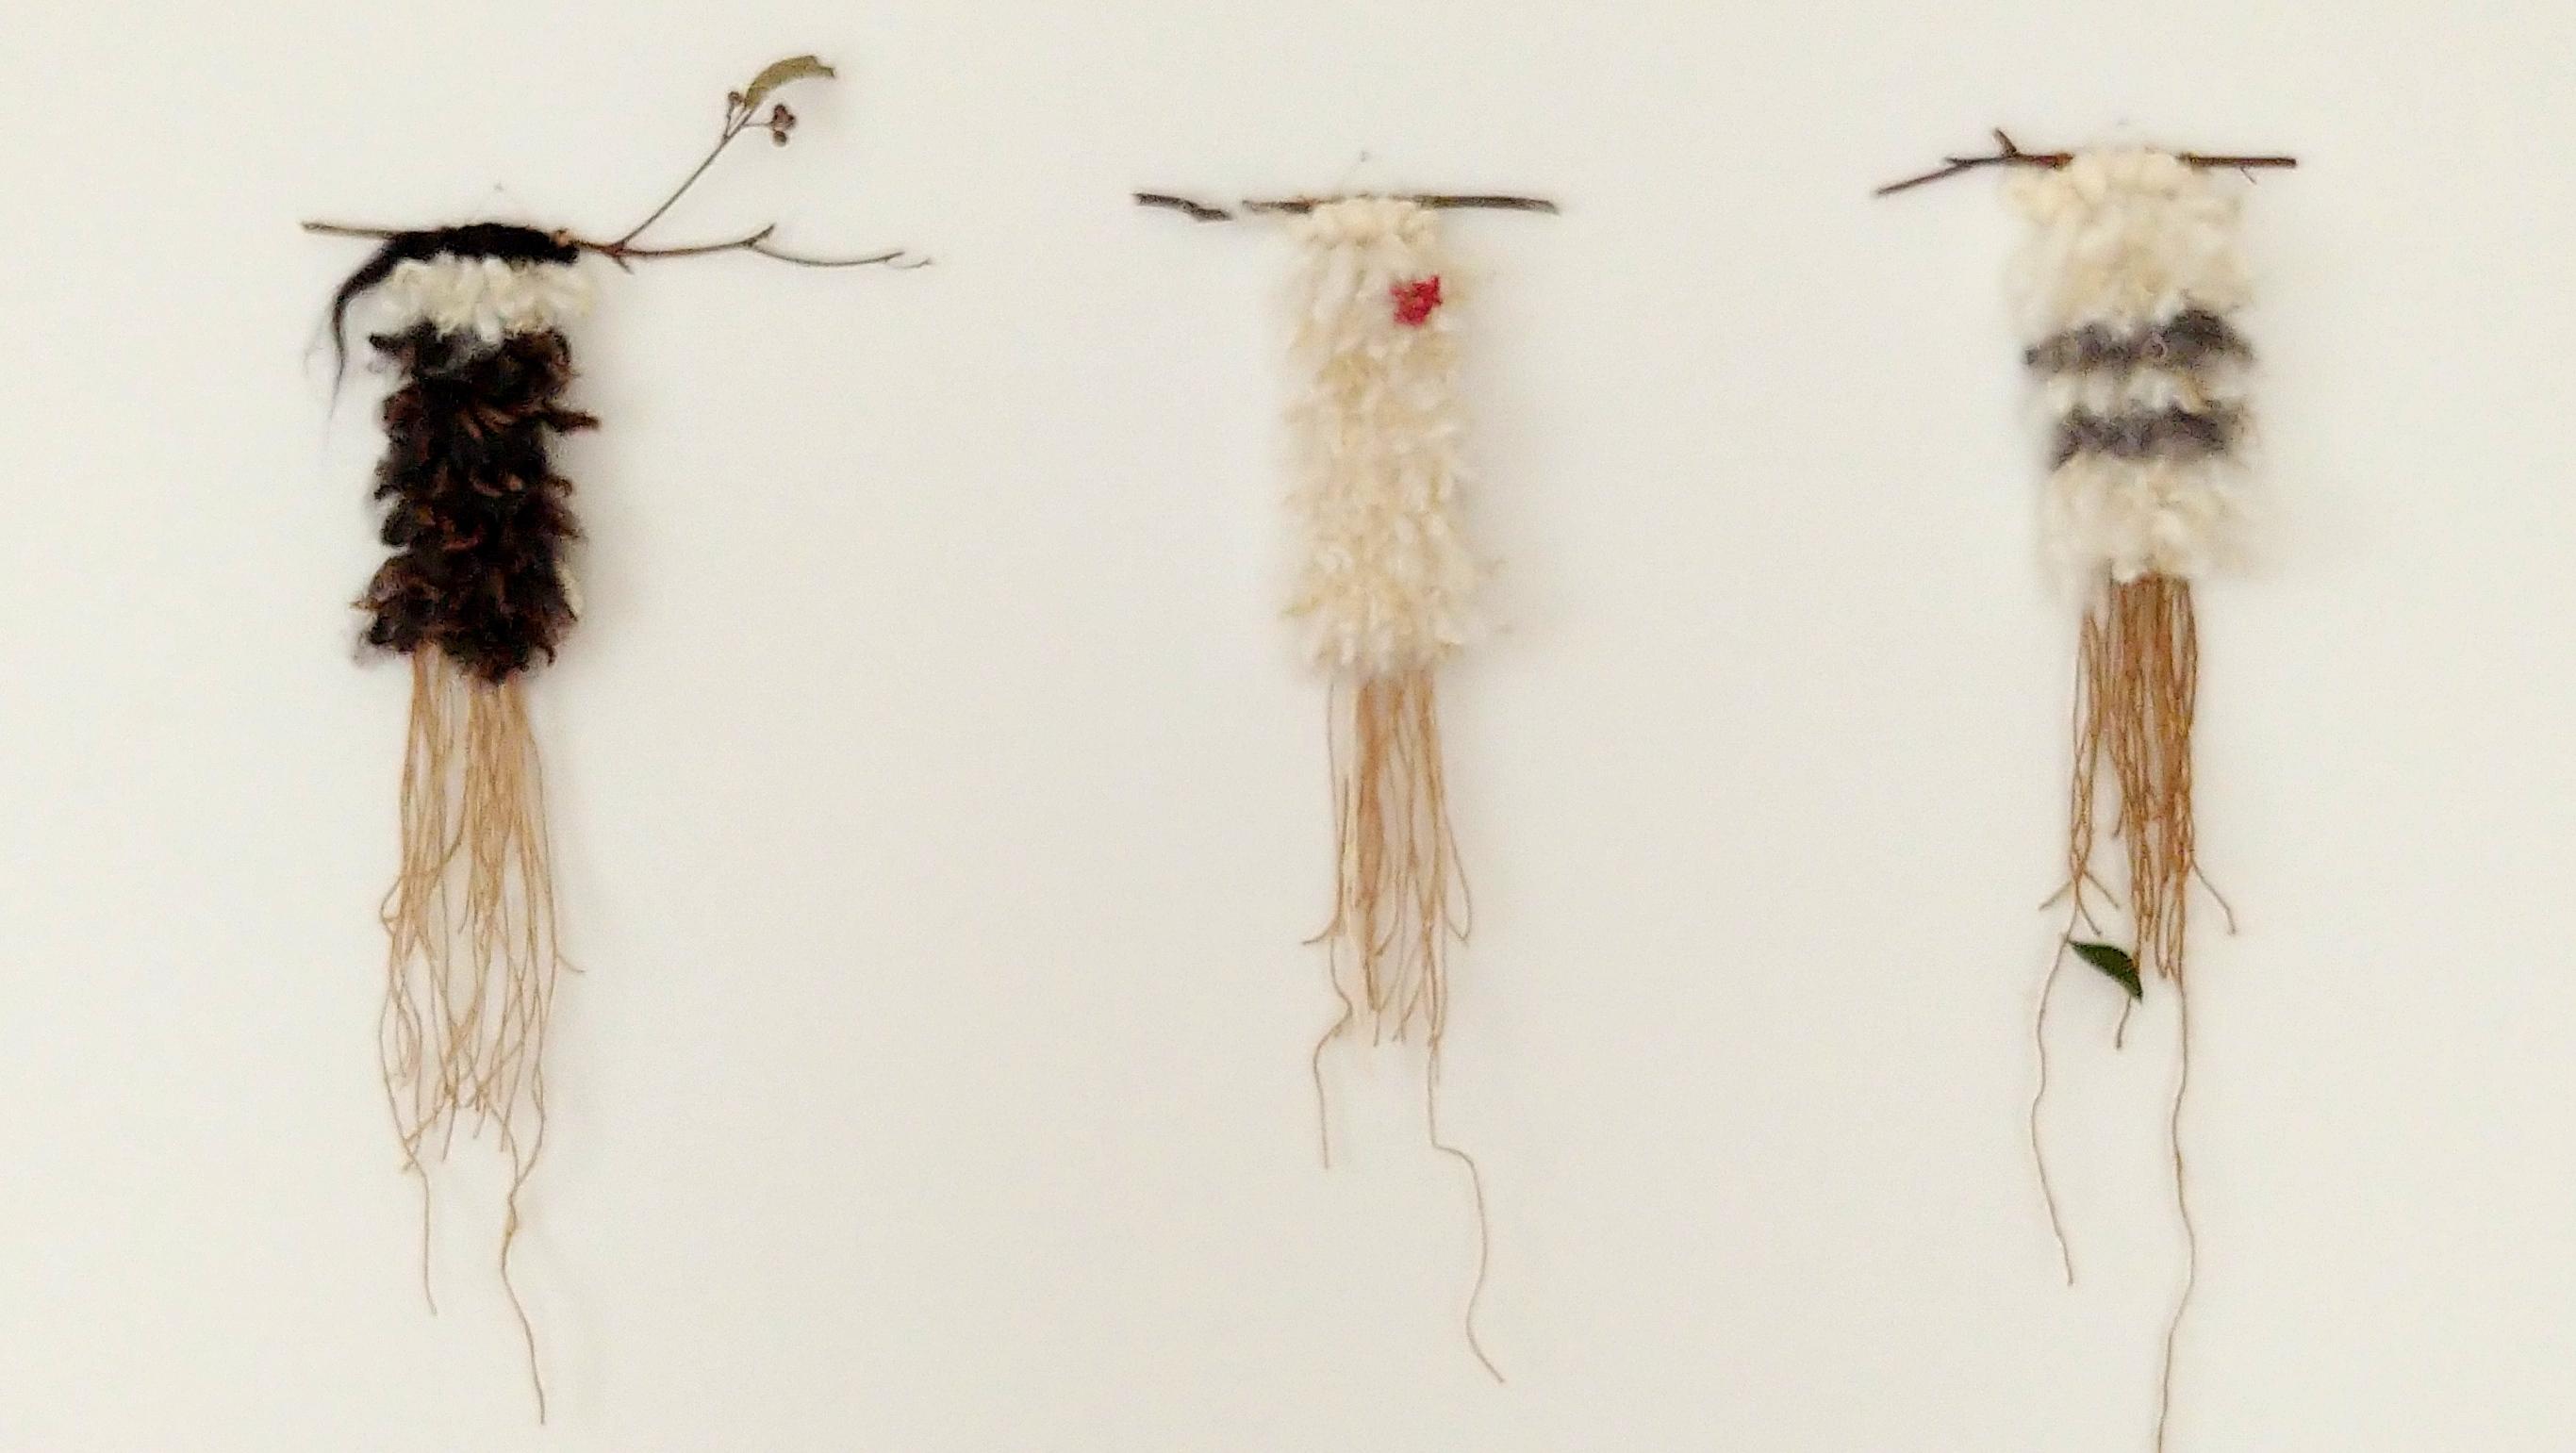 【ワークショップのお知らせ/11月17日(日)】冬のインテリア支度「小さな織り機でつくる、もふもふタペストリー」を開催します。